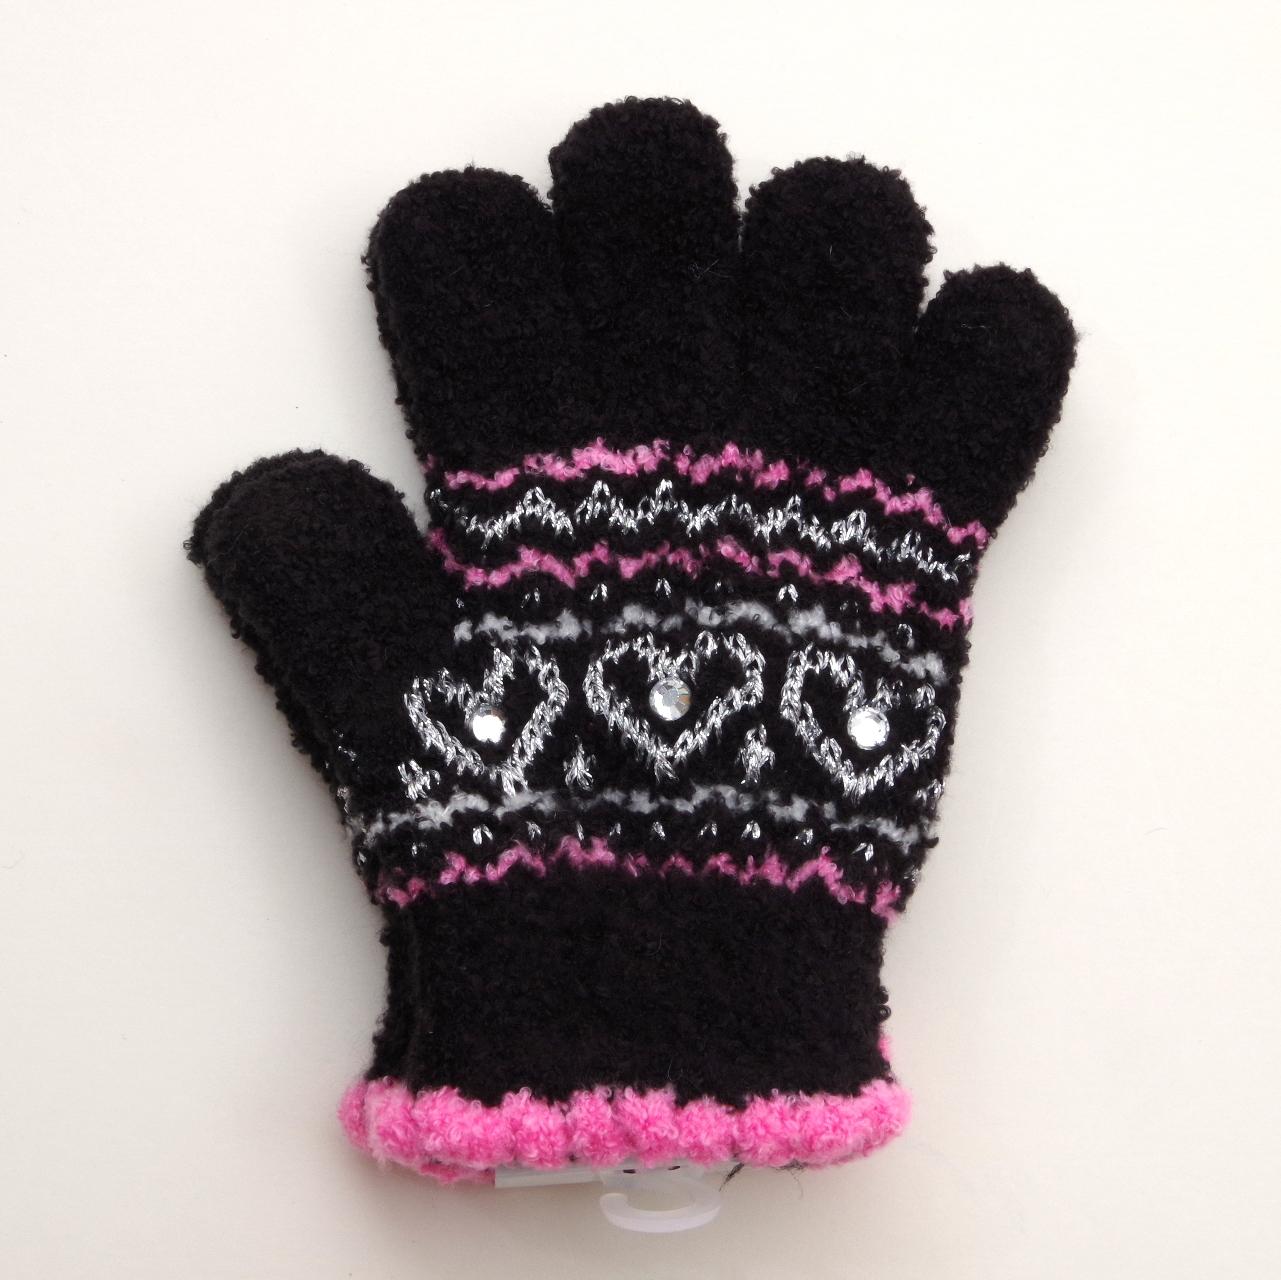 日本製  のびのび五指手袋 キッズ/ジュニア 15cm 3つハート  (1610-1714)